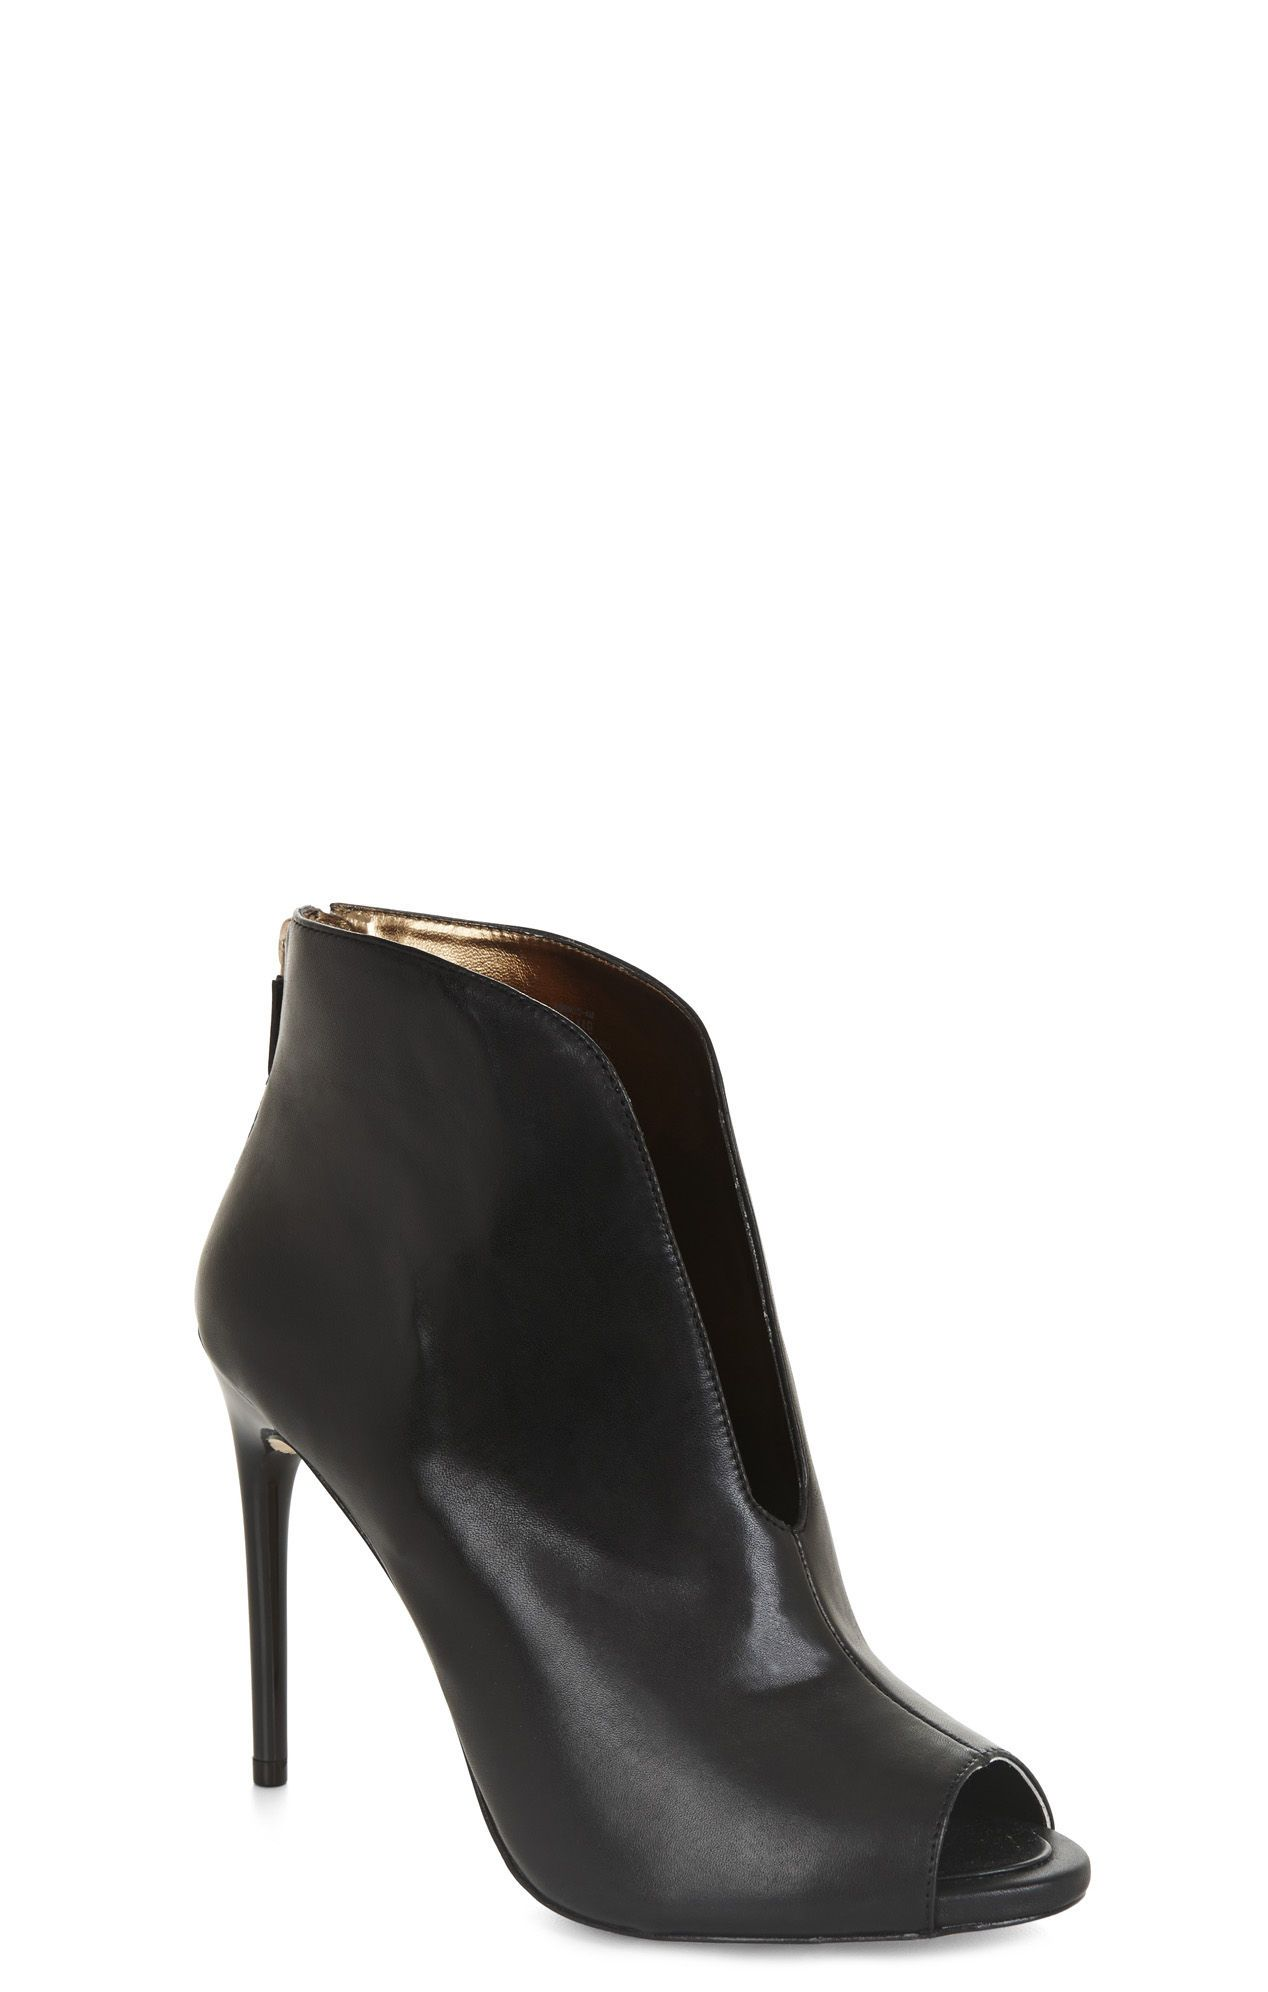 efafefe07efd BCBG Slit-front heels